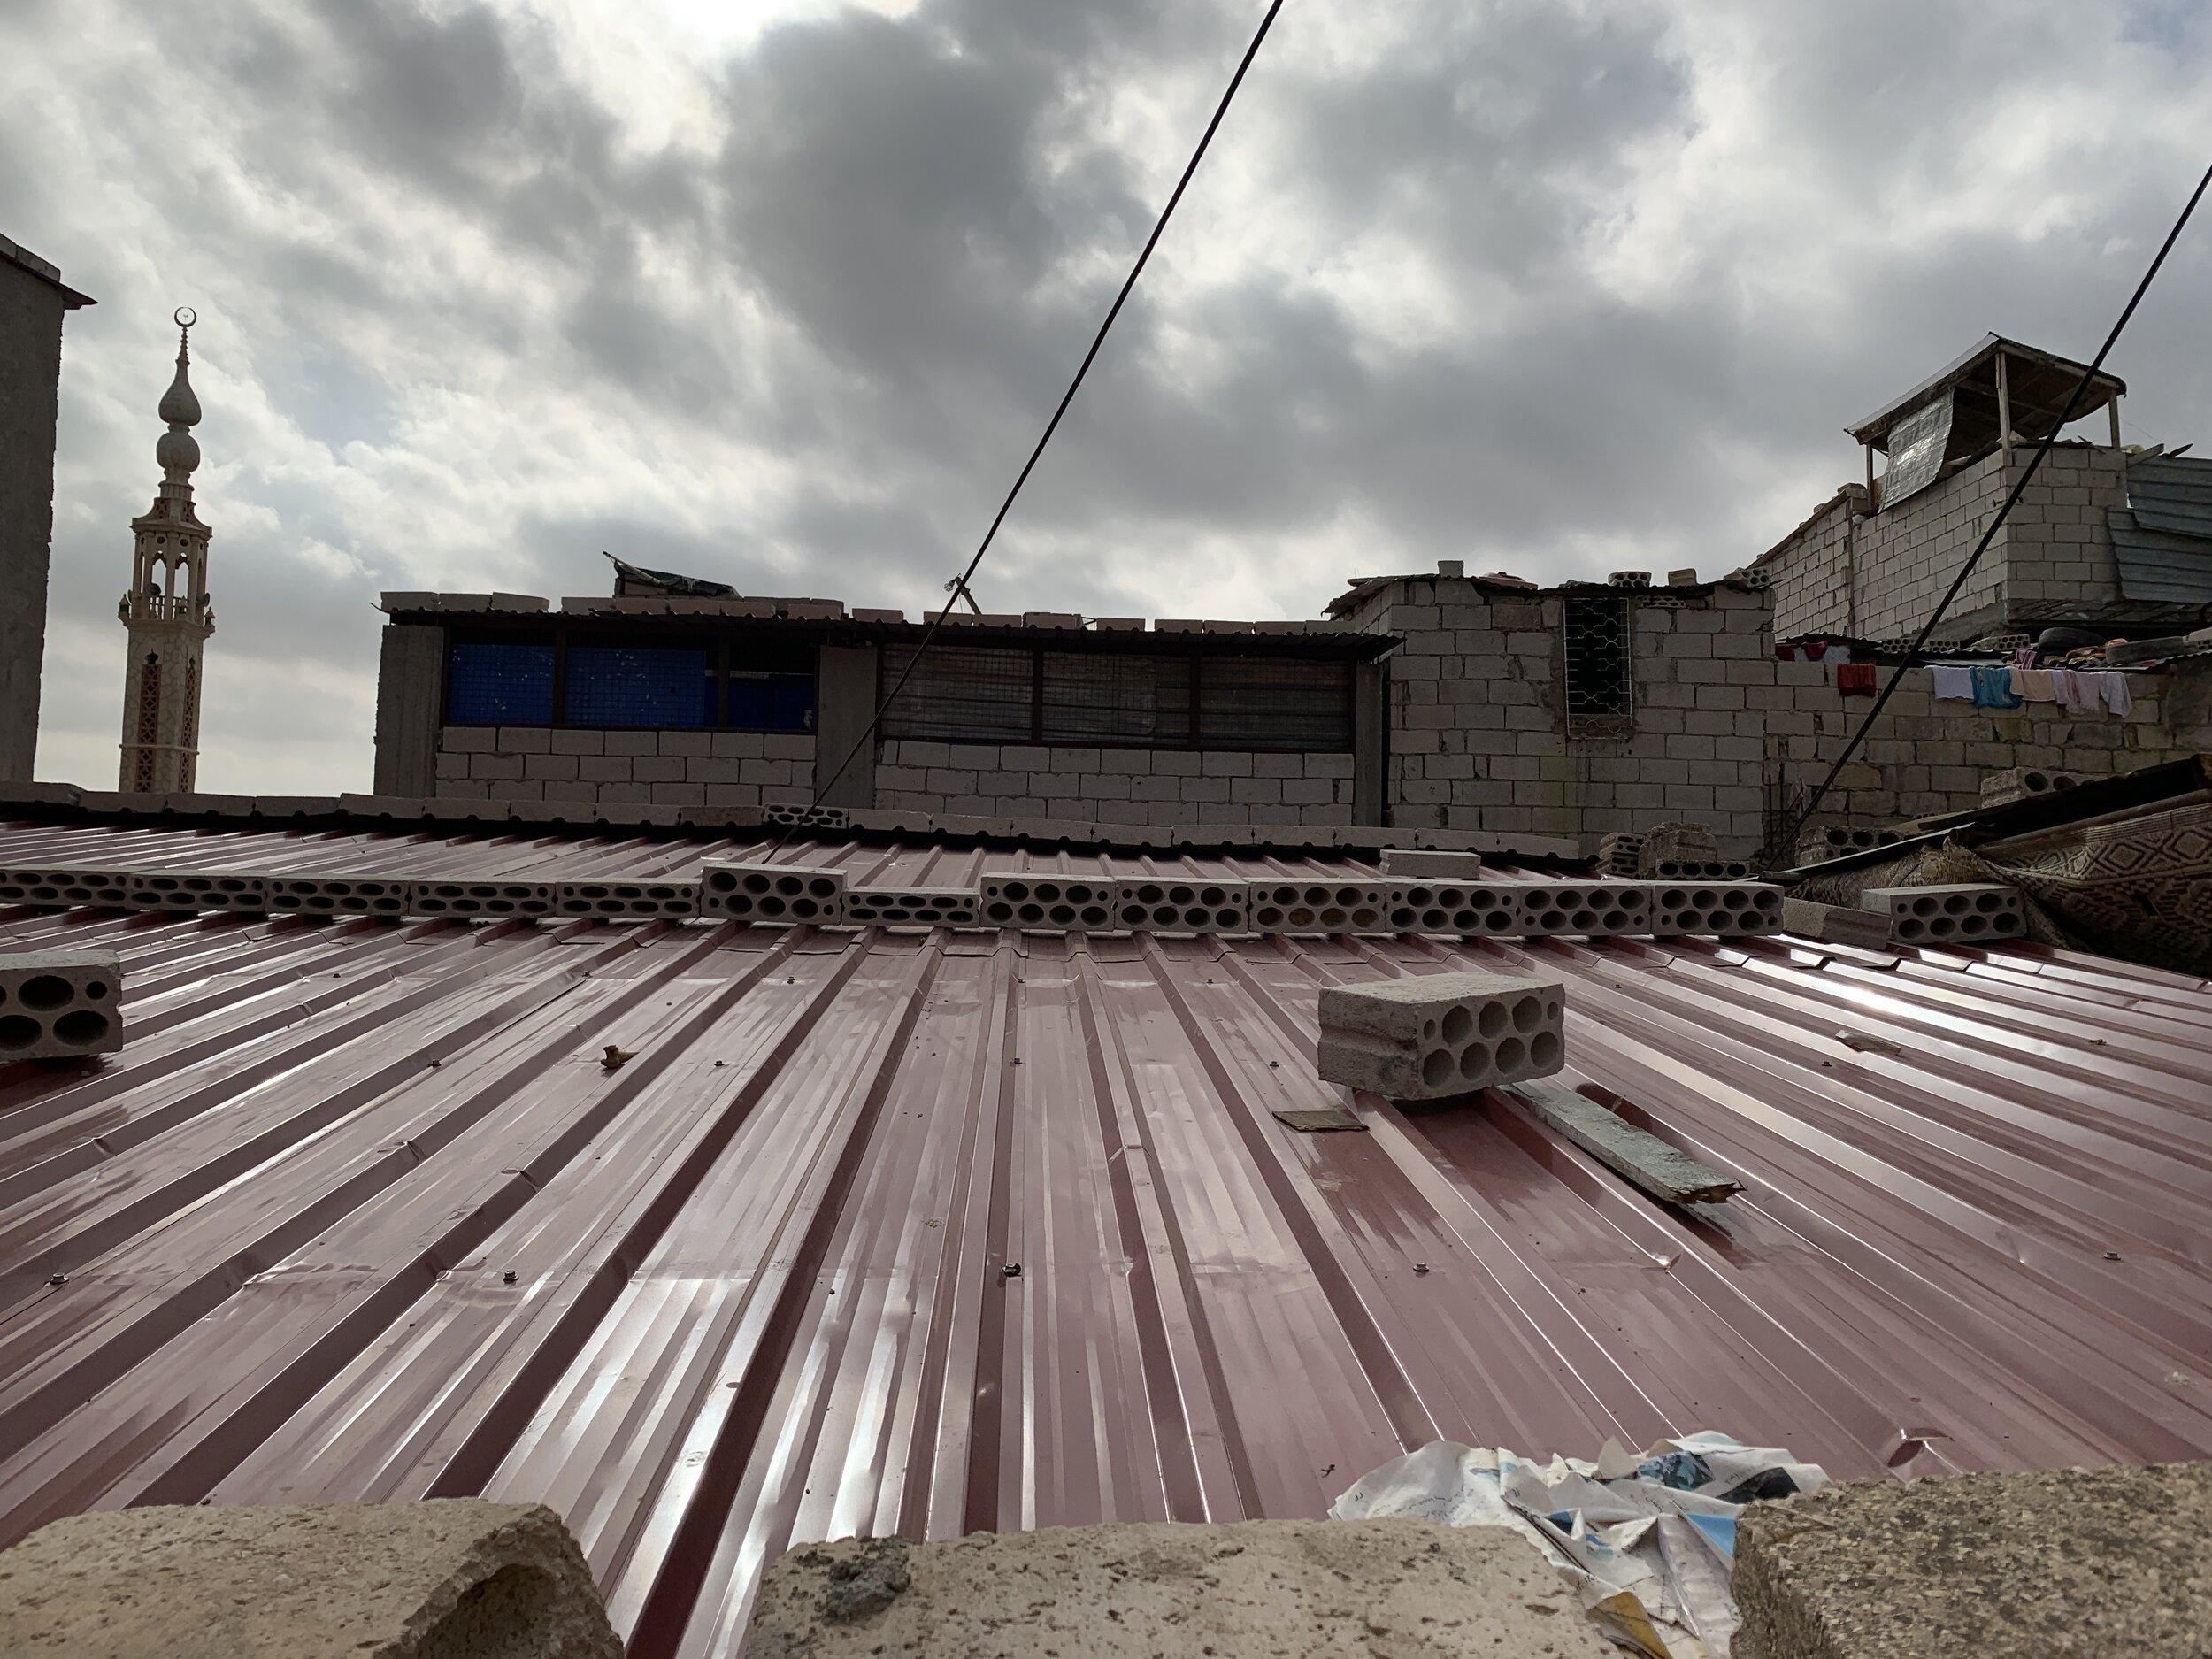 After - New bearing walls and zinc sheets